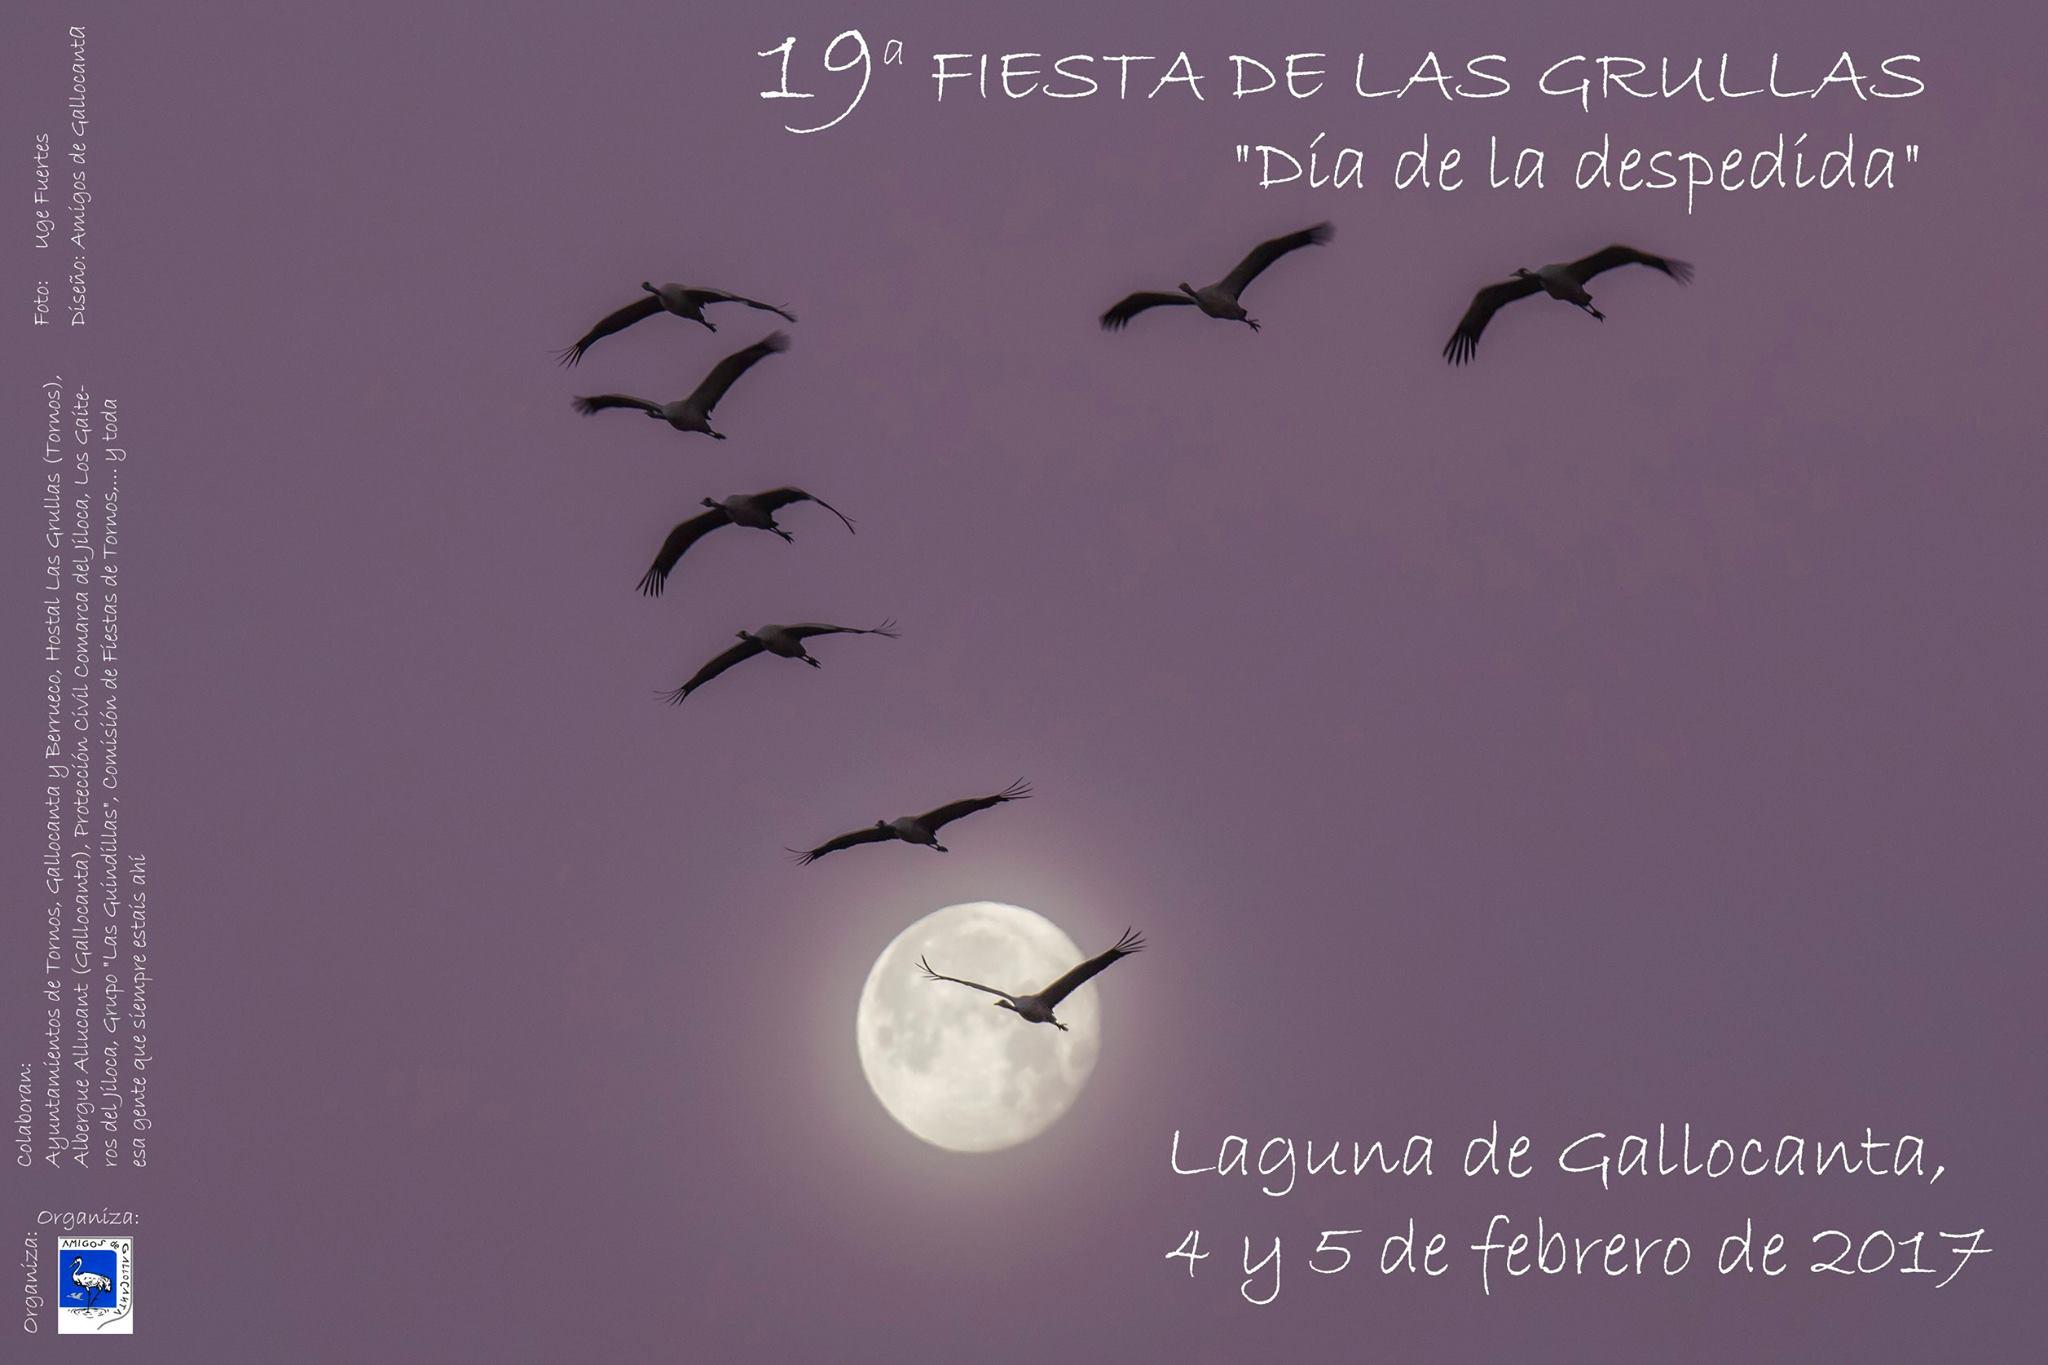 Cartel de la 19 Fiesta de Despedida de las Grullas, con Amigos de Gallocanta.